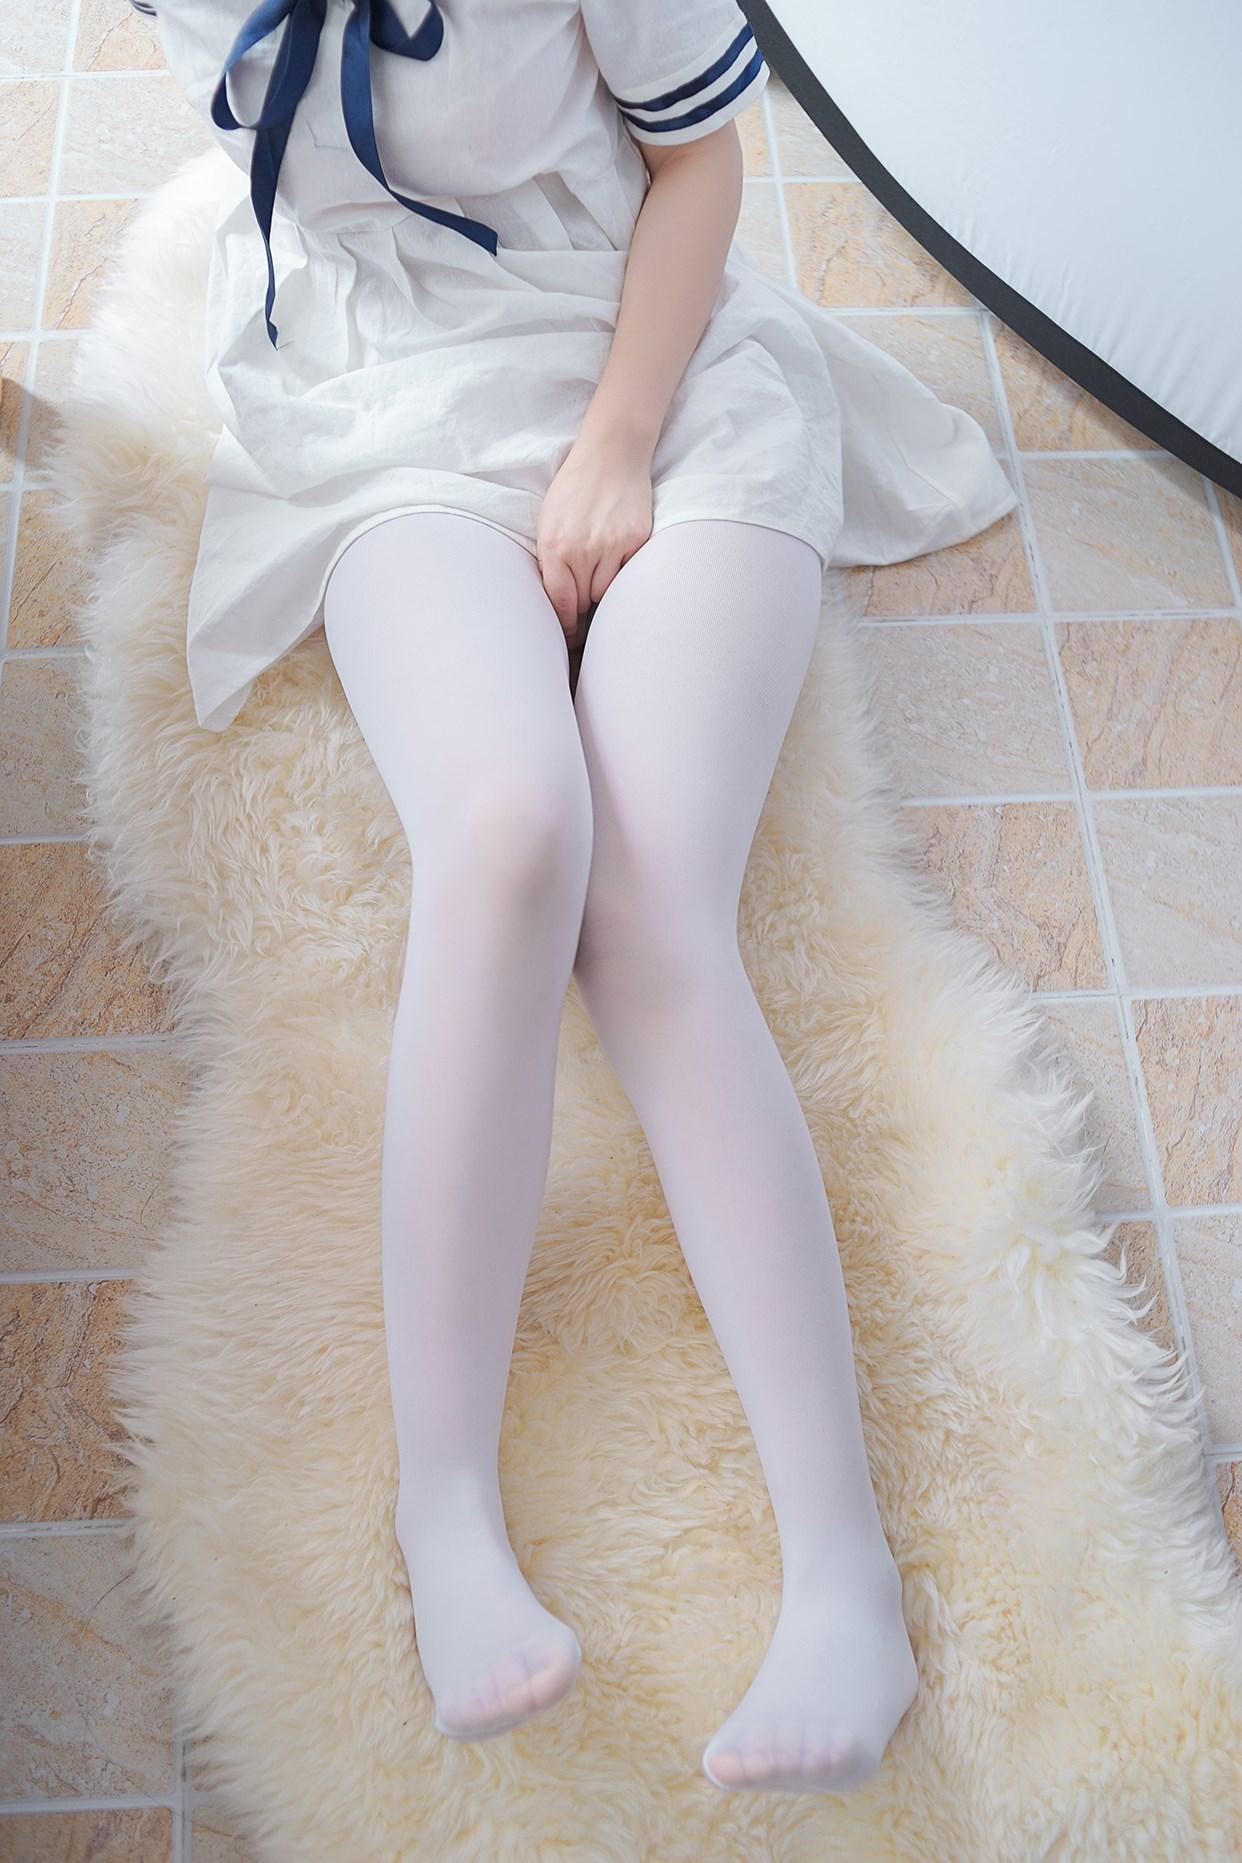 【兔玩映画】白丝喵喵 兔玩映画 第38张